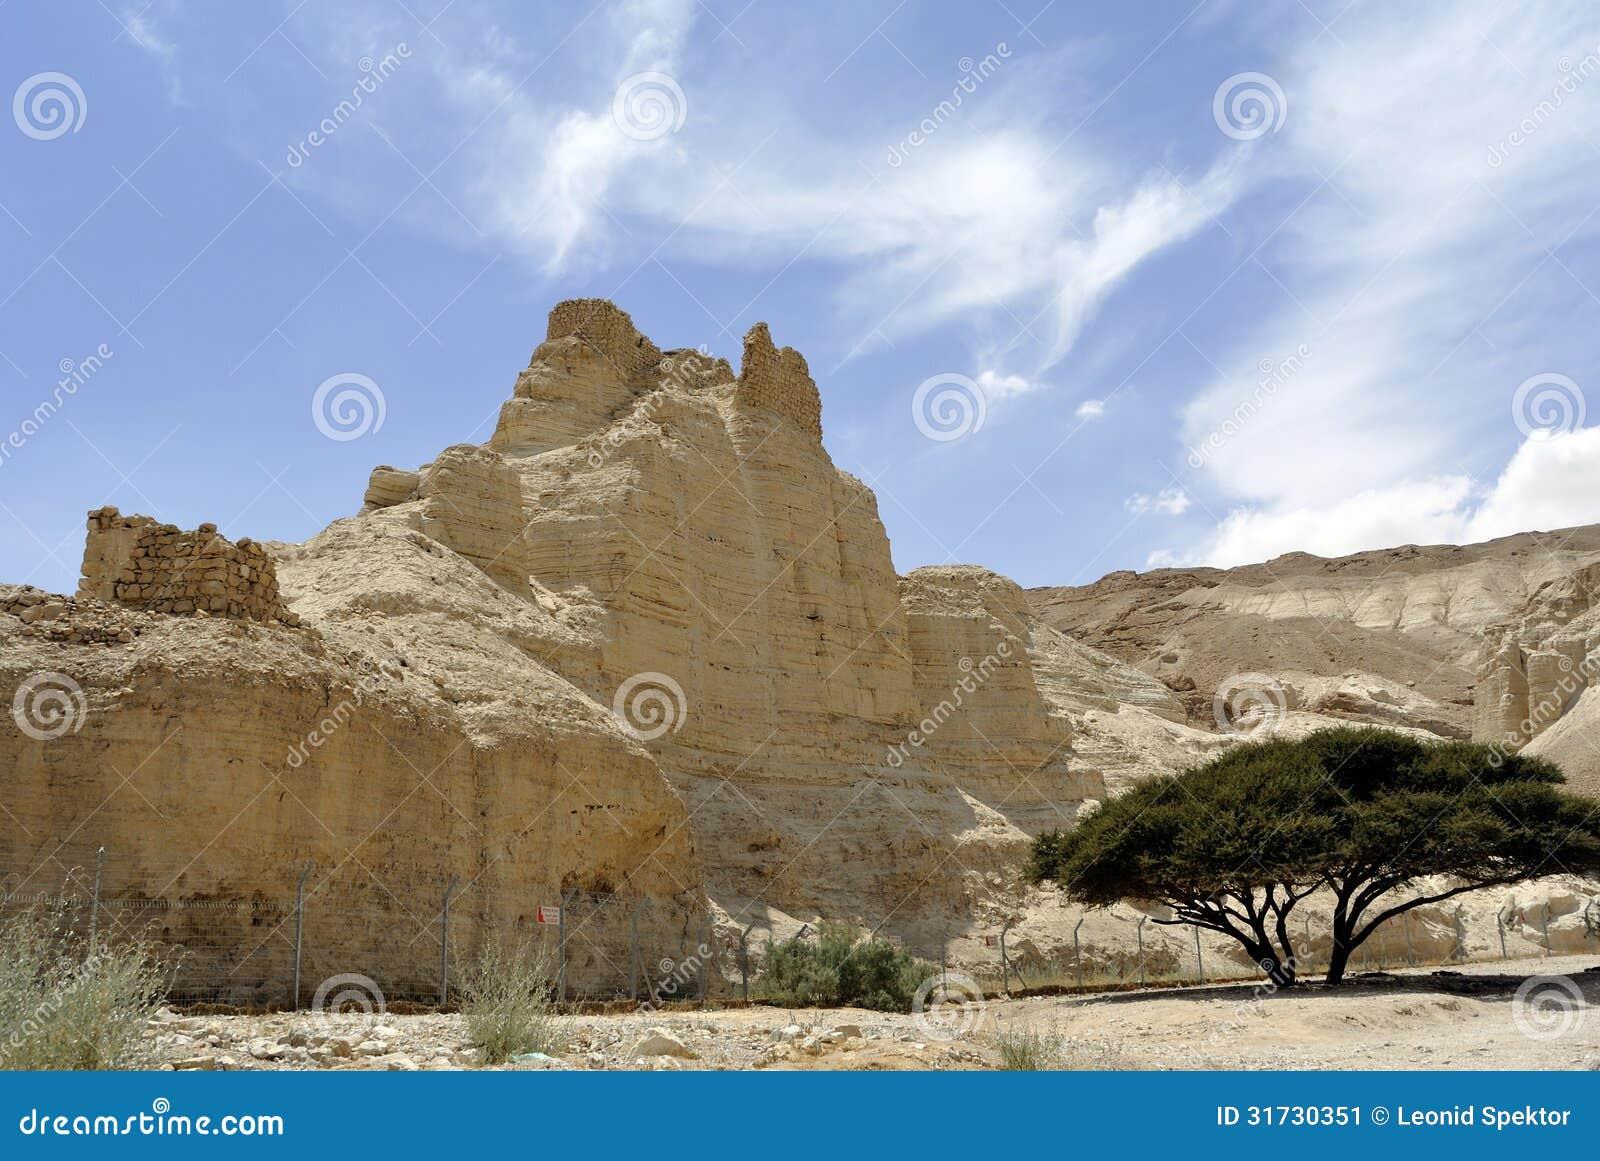 Fortezza di Zohar nel deserto della Giudea.